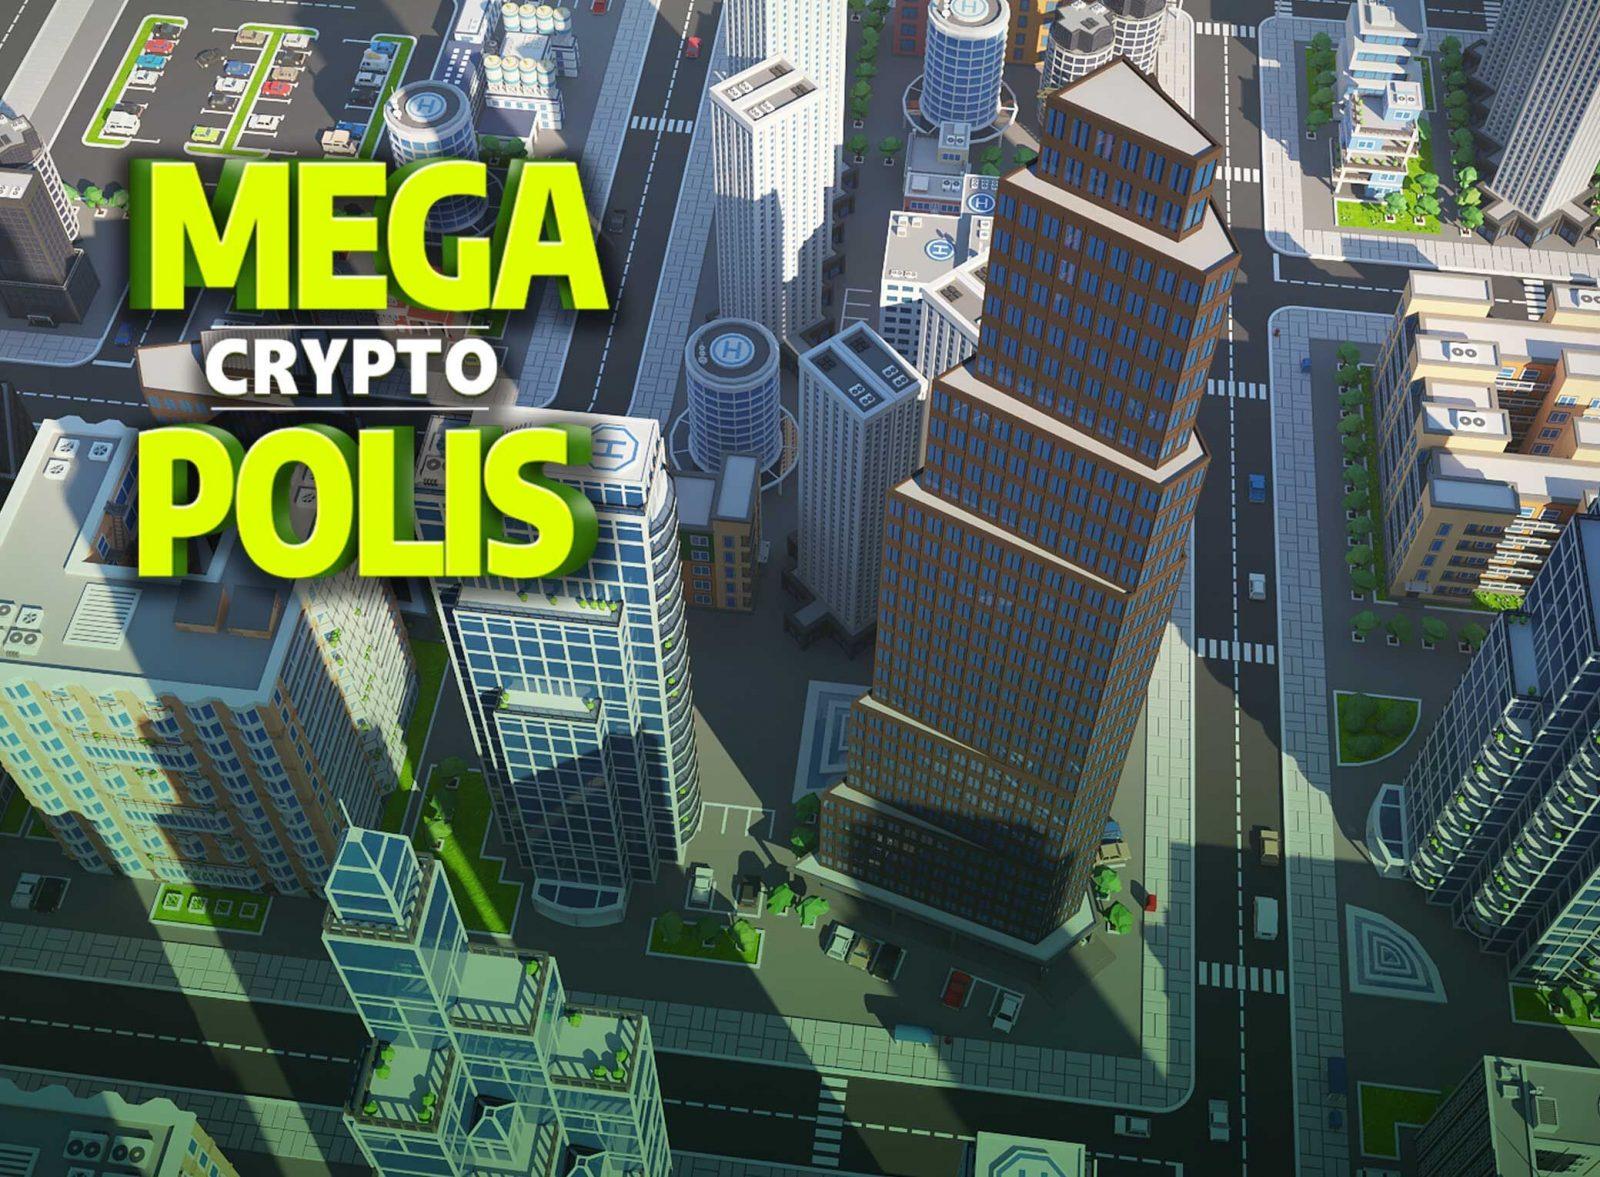 crypto gaming megacryptopolis